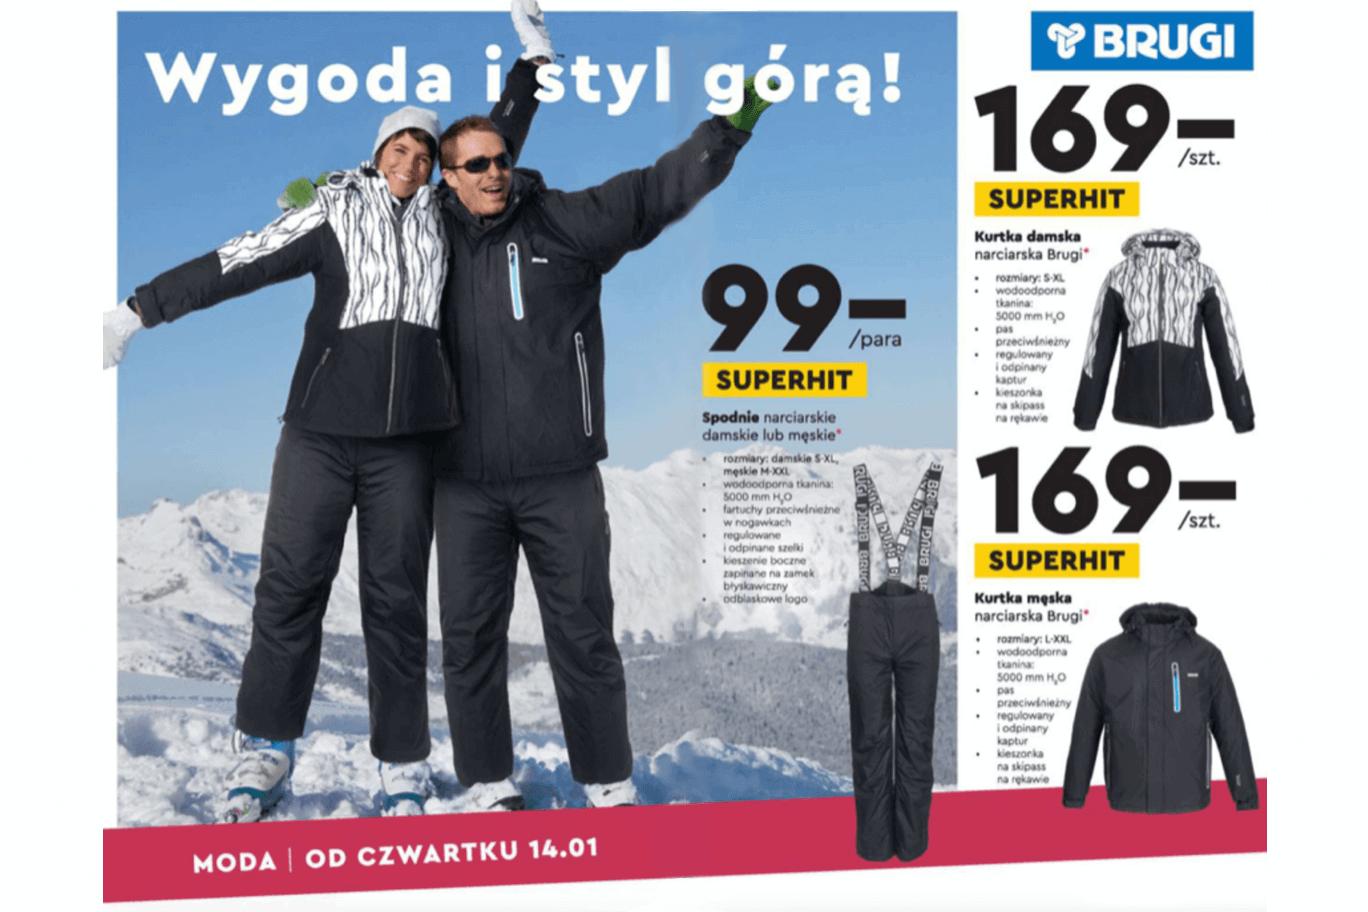 Biedronka dodała do oferty odzież narciarską Brugi